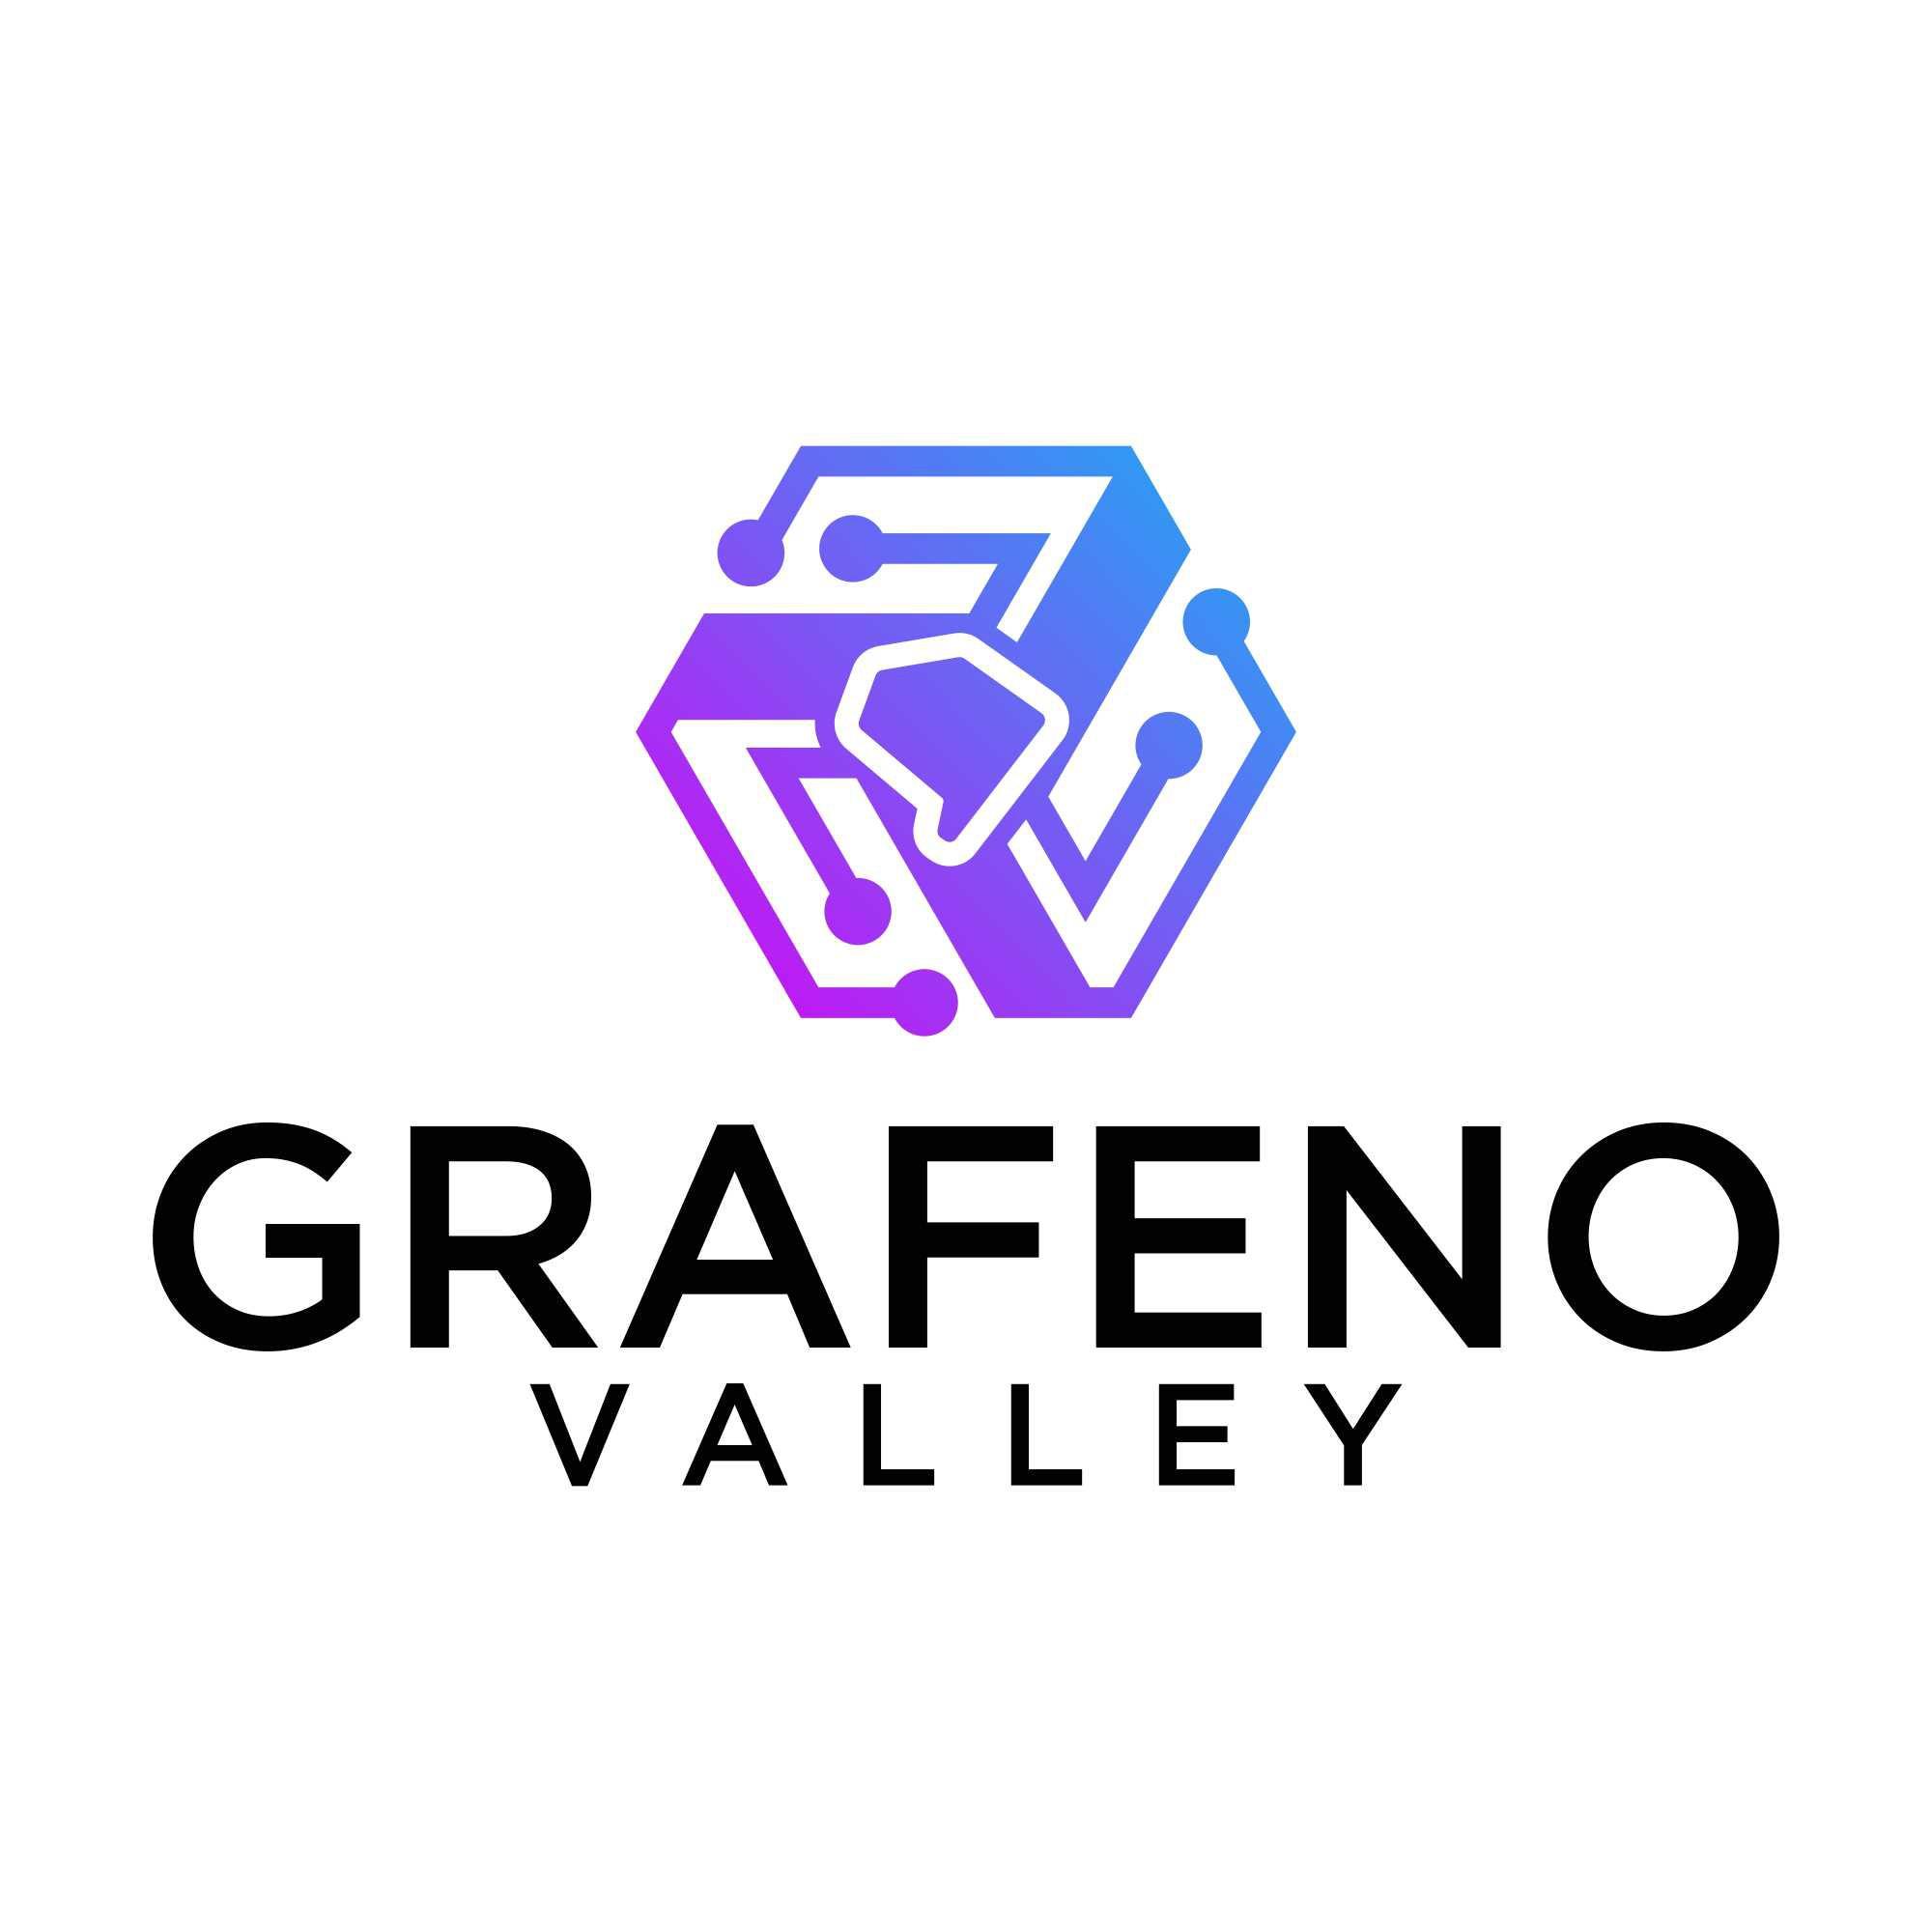 Graphene Valley - nanotechnology businesses for better lives